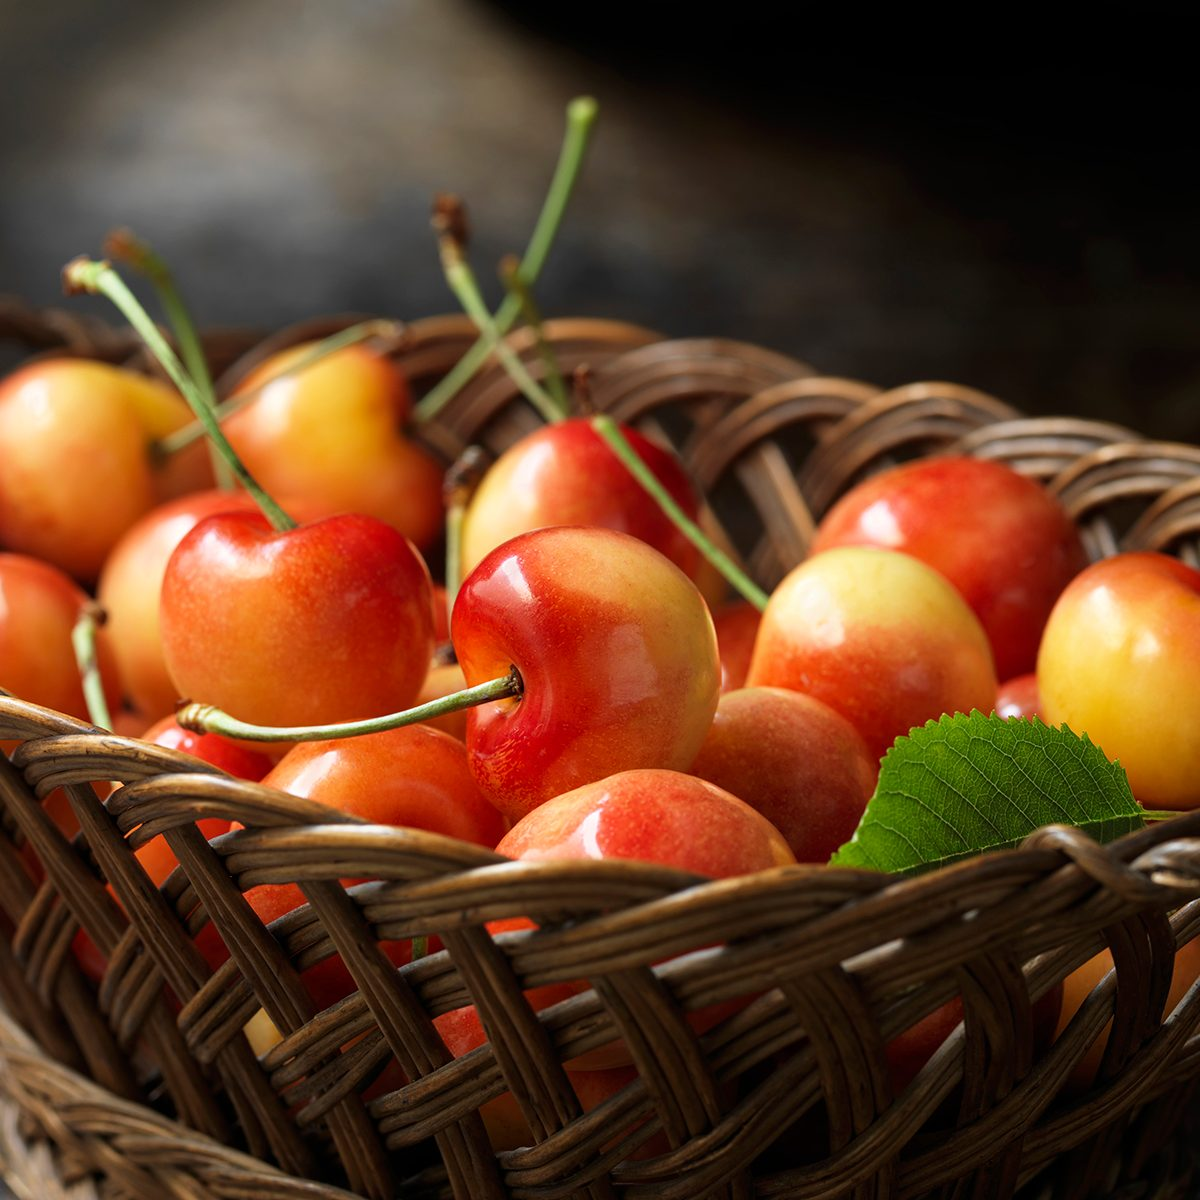 Fresh organic fruit, rainier cherries